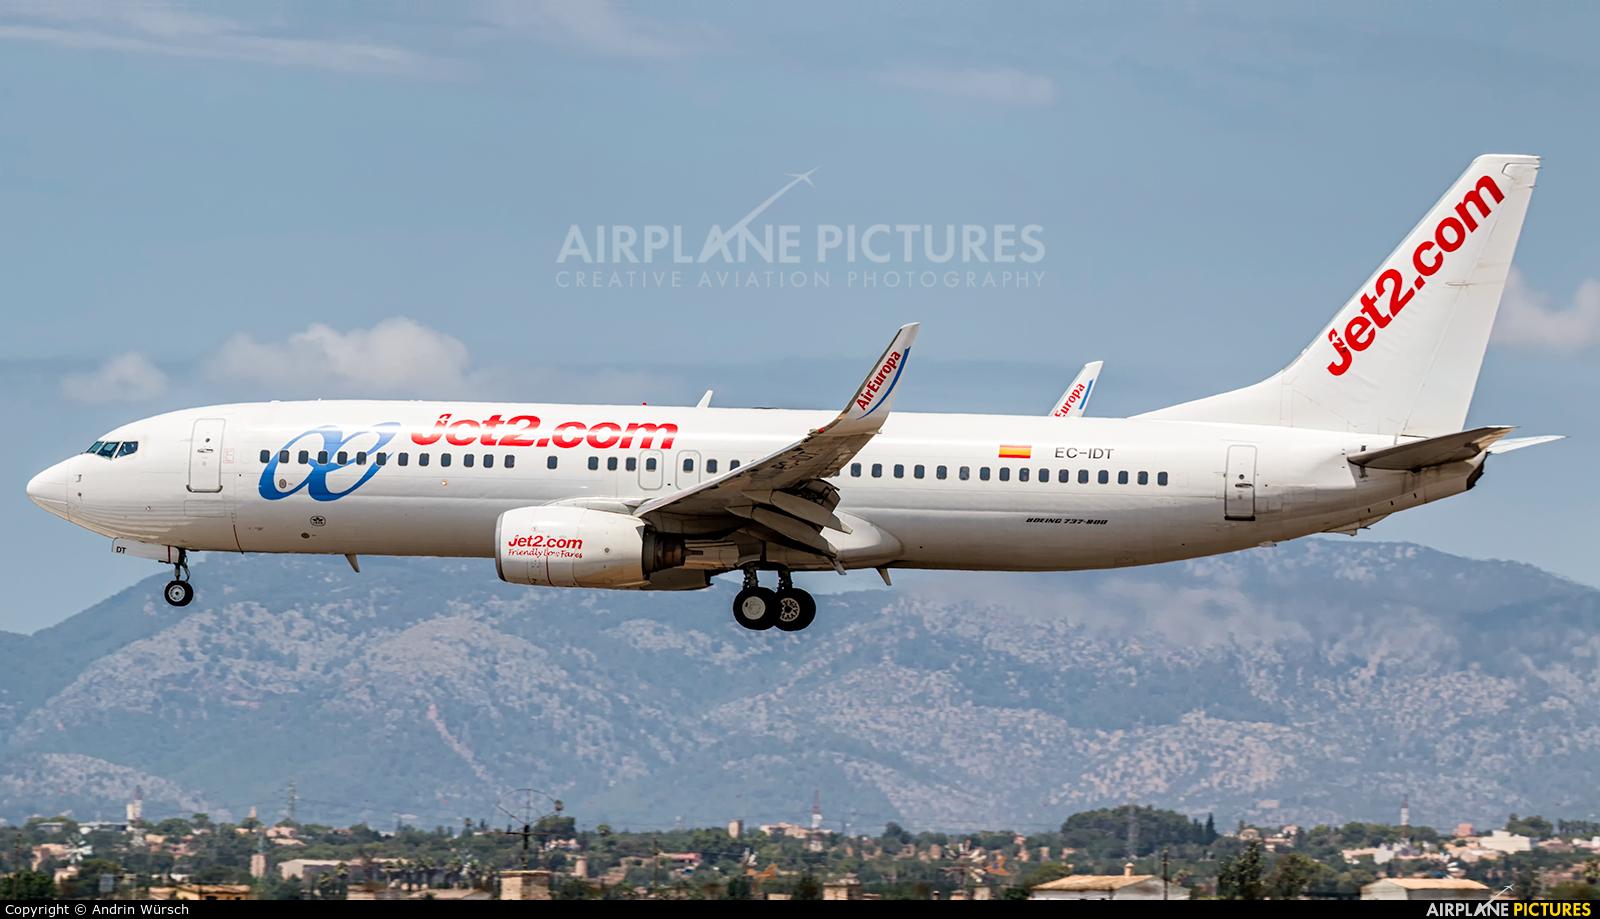 Jet2 EC-IDT aircraft at Palma de Mallorca